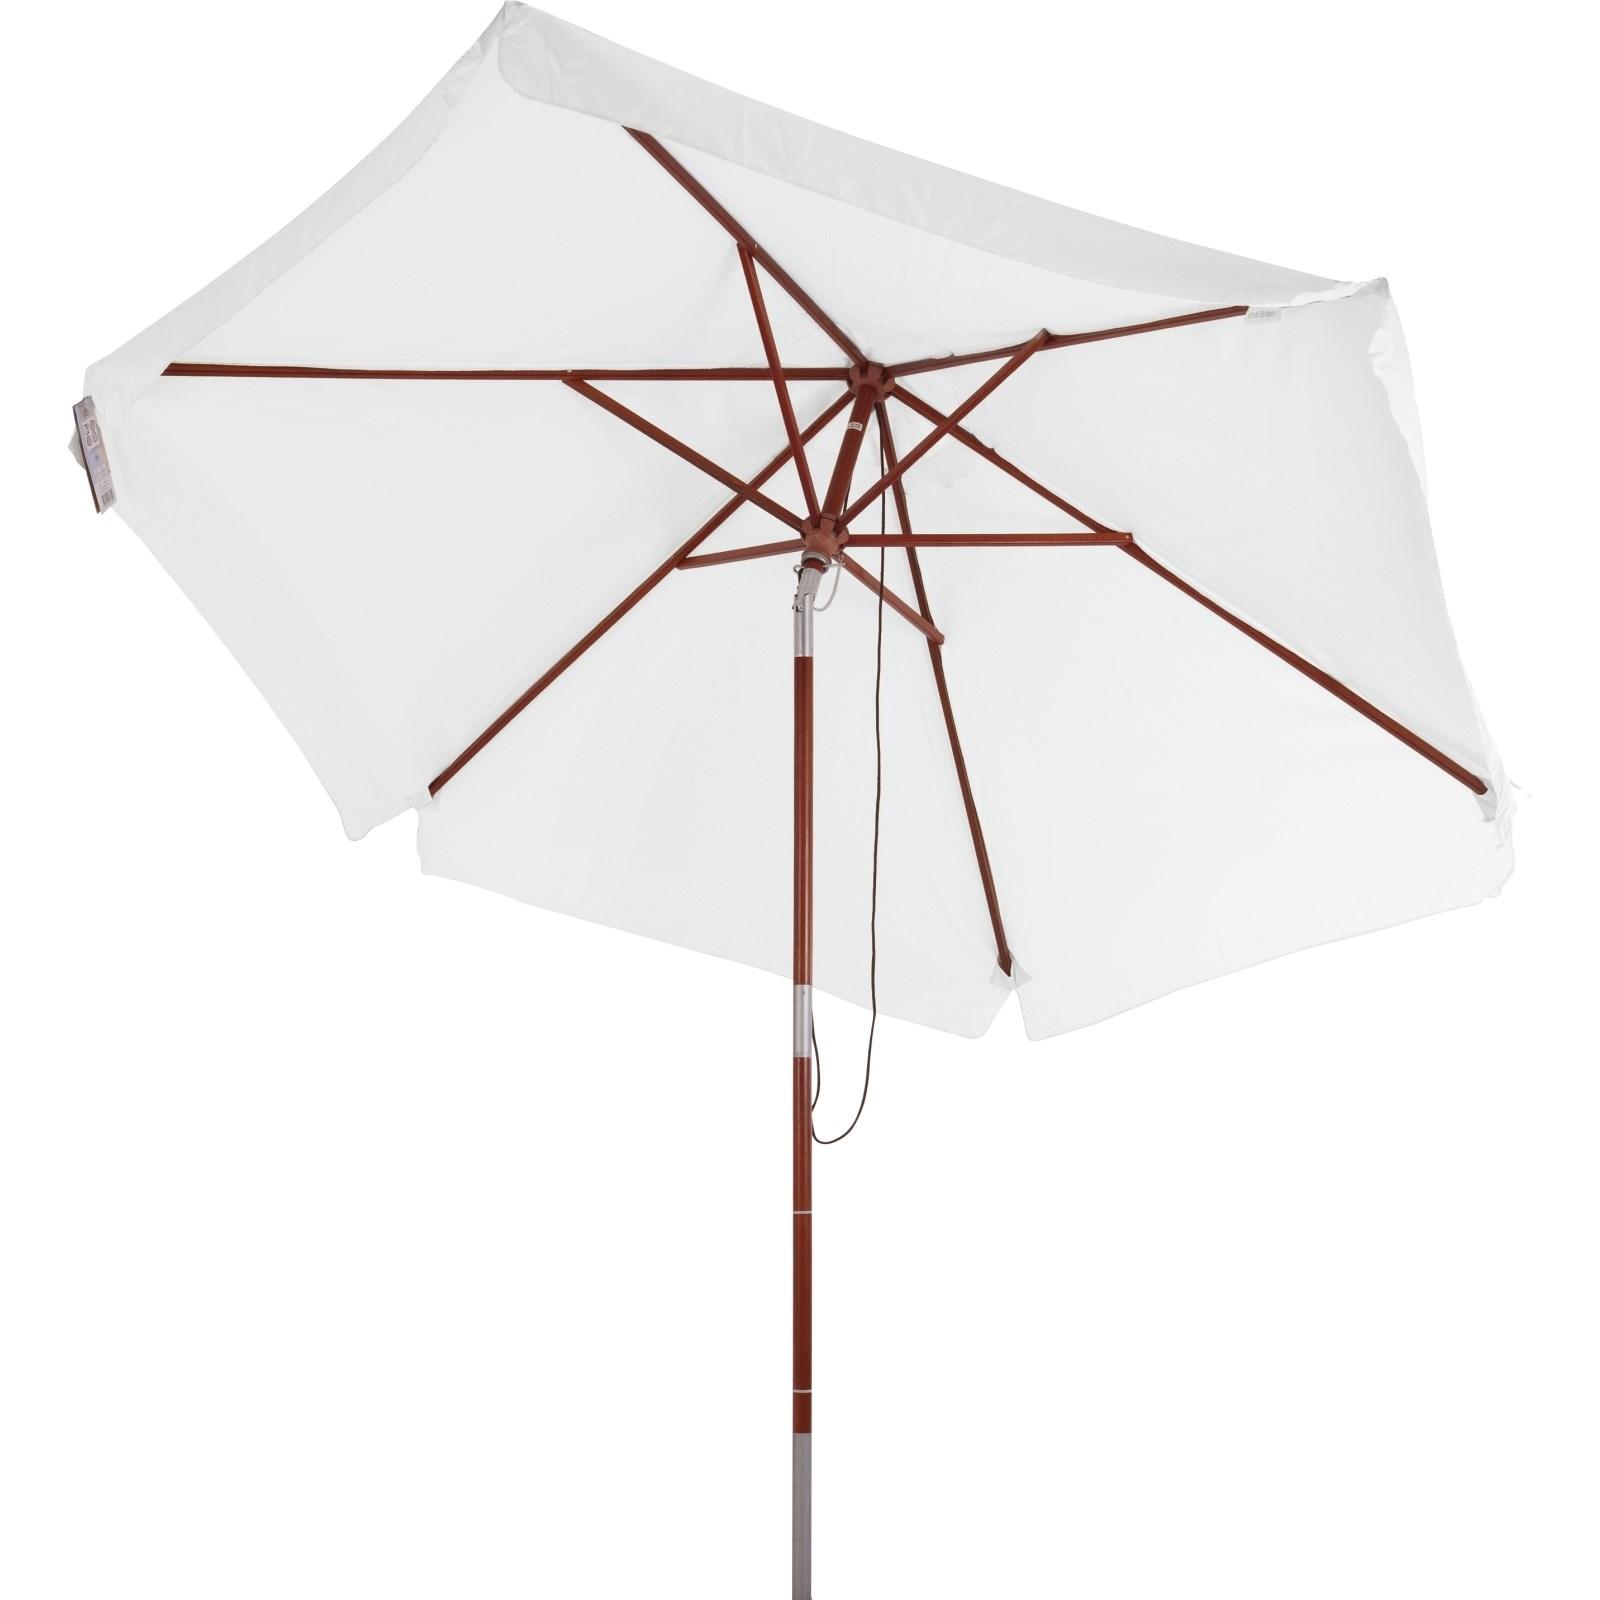 Berühmt Sonnenschirm Deluxe beige 300 cm - Trekking - LANDI CG62